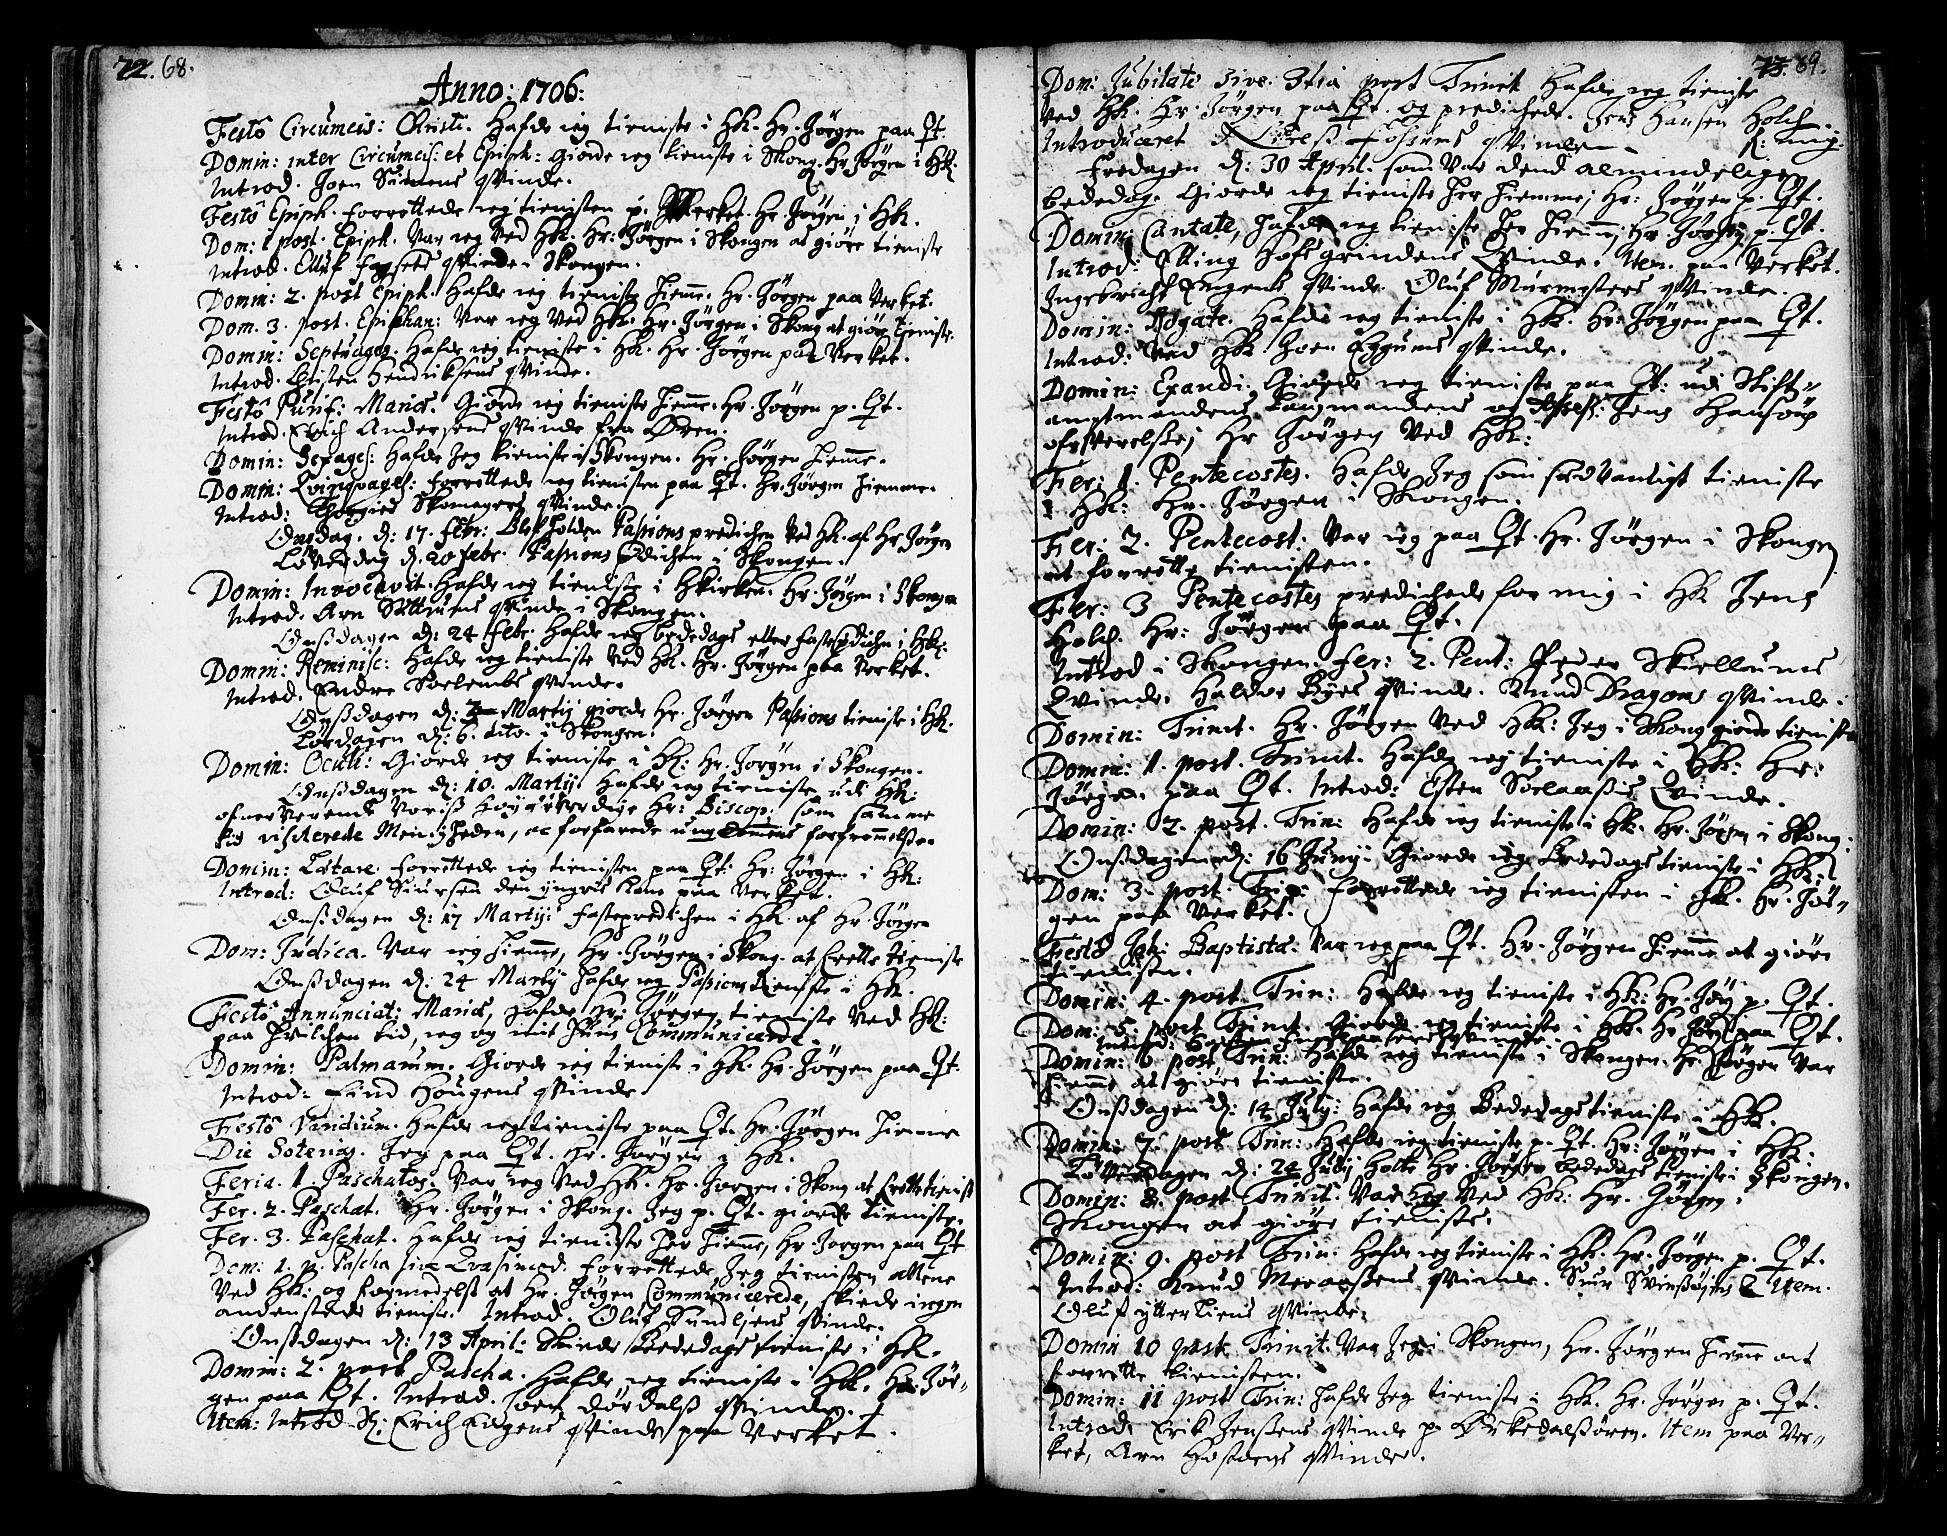 SAT, Ministerialprotokoller, klokkerbøker og fødselsregistre - Sør-Trøndelag, 668/L0801: Ministerialbok nr. 668A01, 1695-1716, s. 68-69